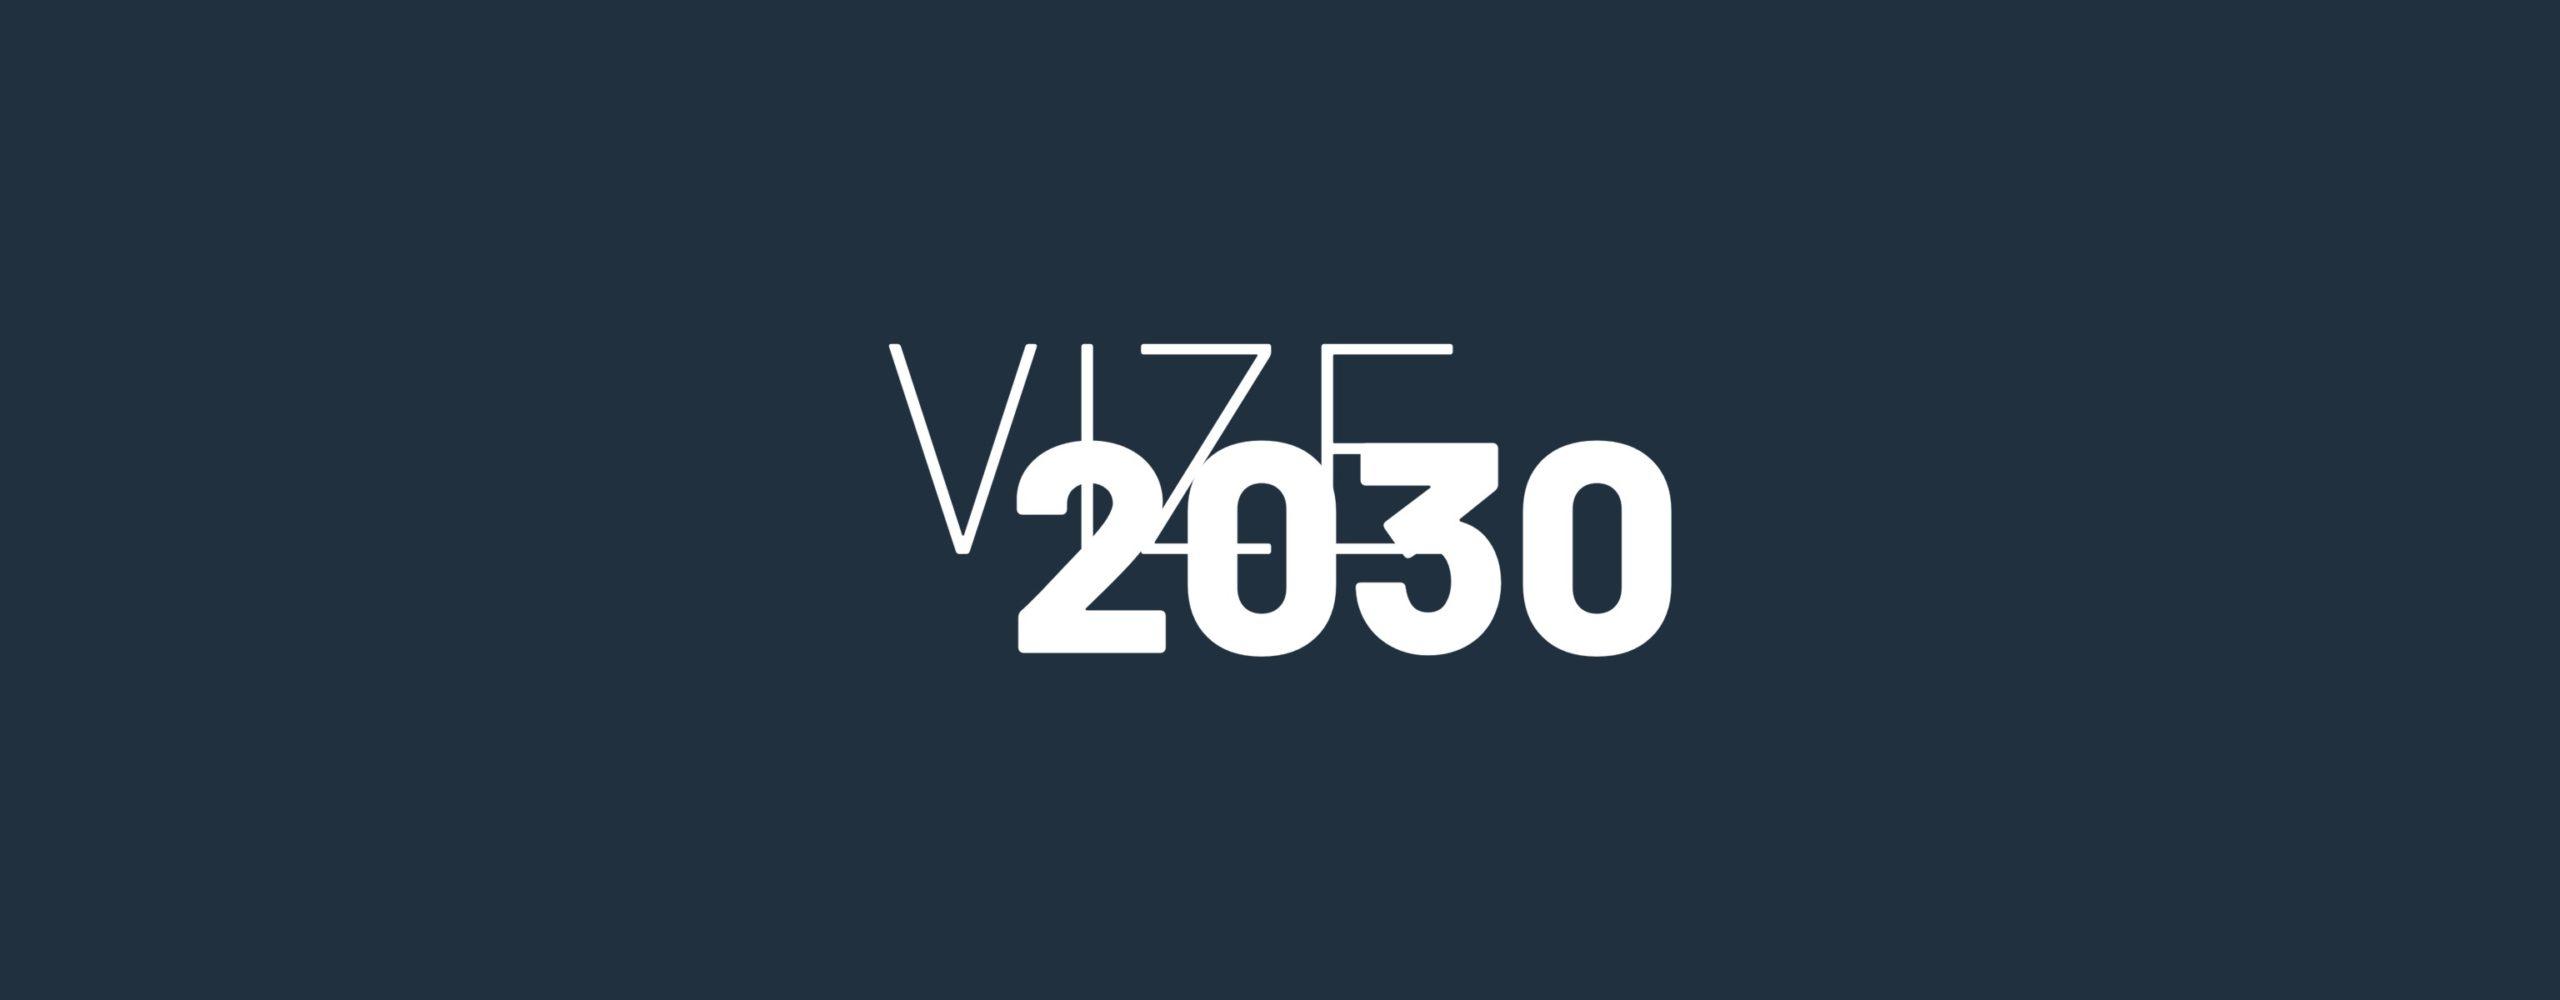 VIZE 2030 | Patrioti MSK